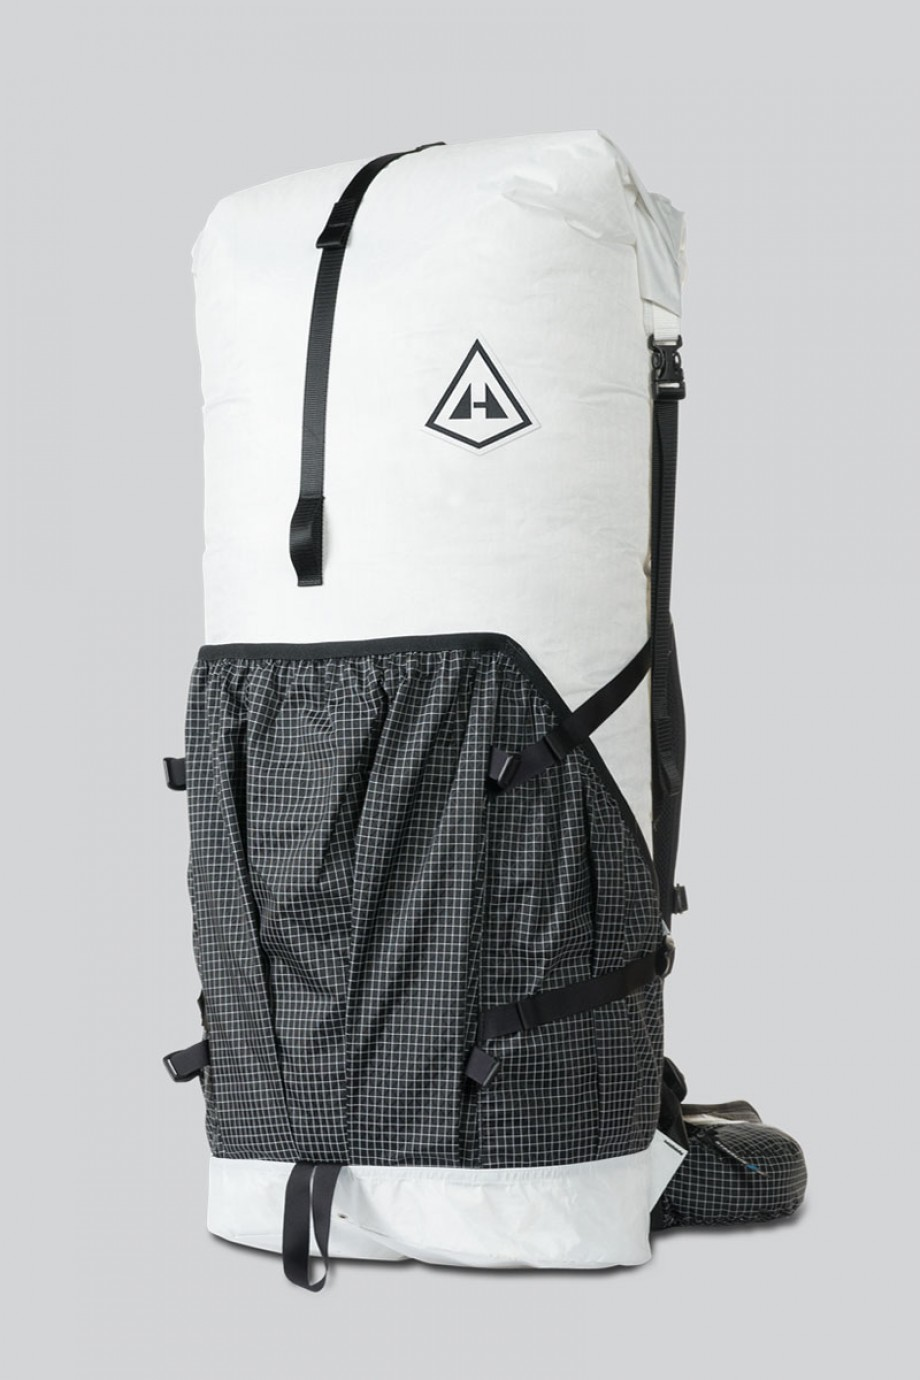 Hyperlite mountain gear Southwest 4400 70L ryggsäck ... 9c4f458c72dd0